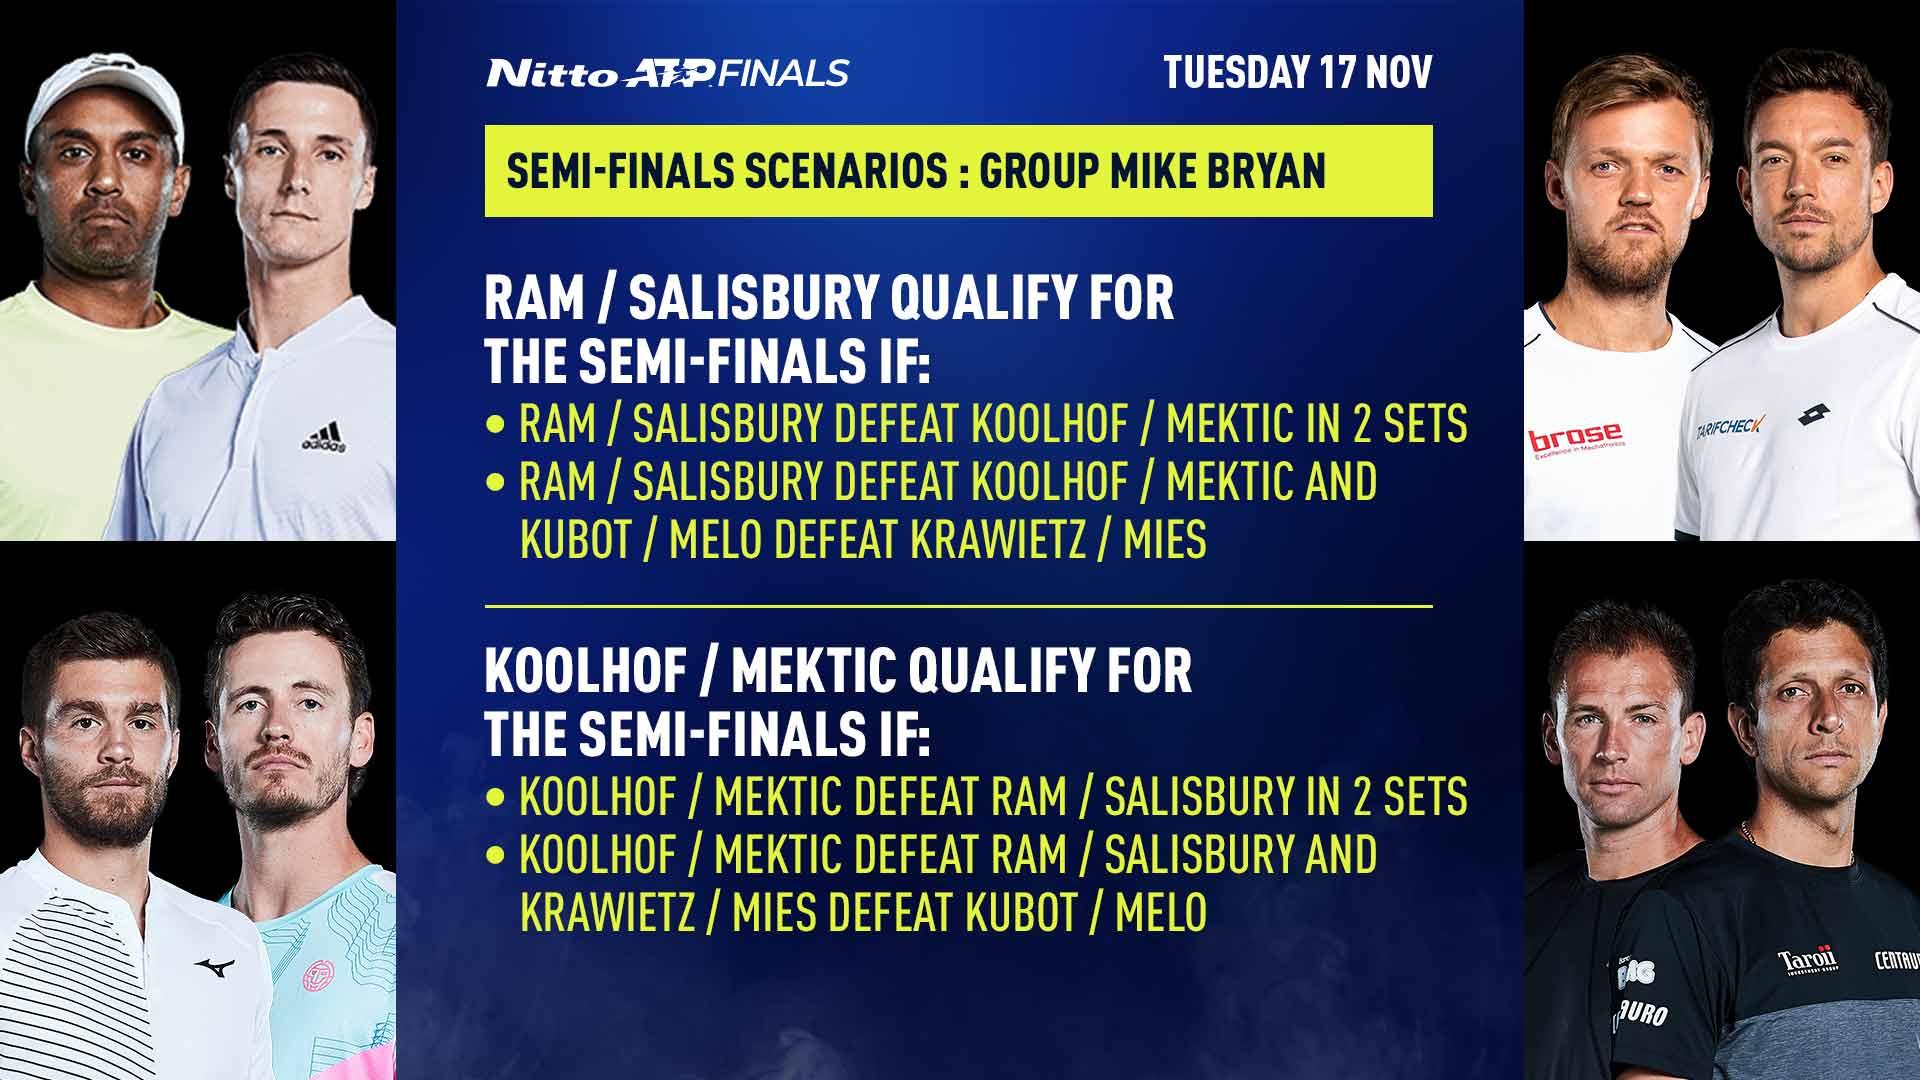 Escenarios de clasificación de Mike Bryan del Grupo de las Nitto ATP Finals